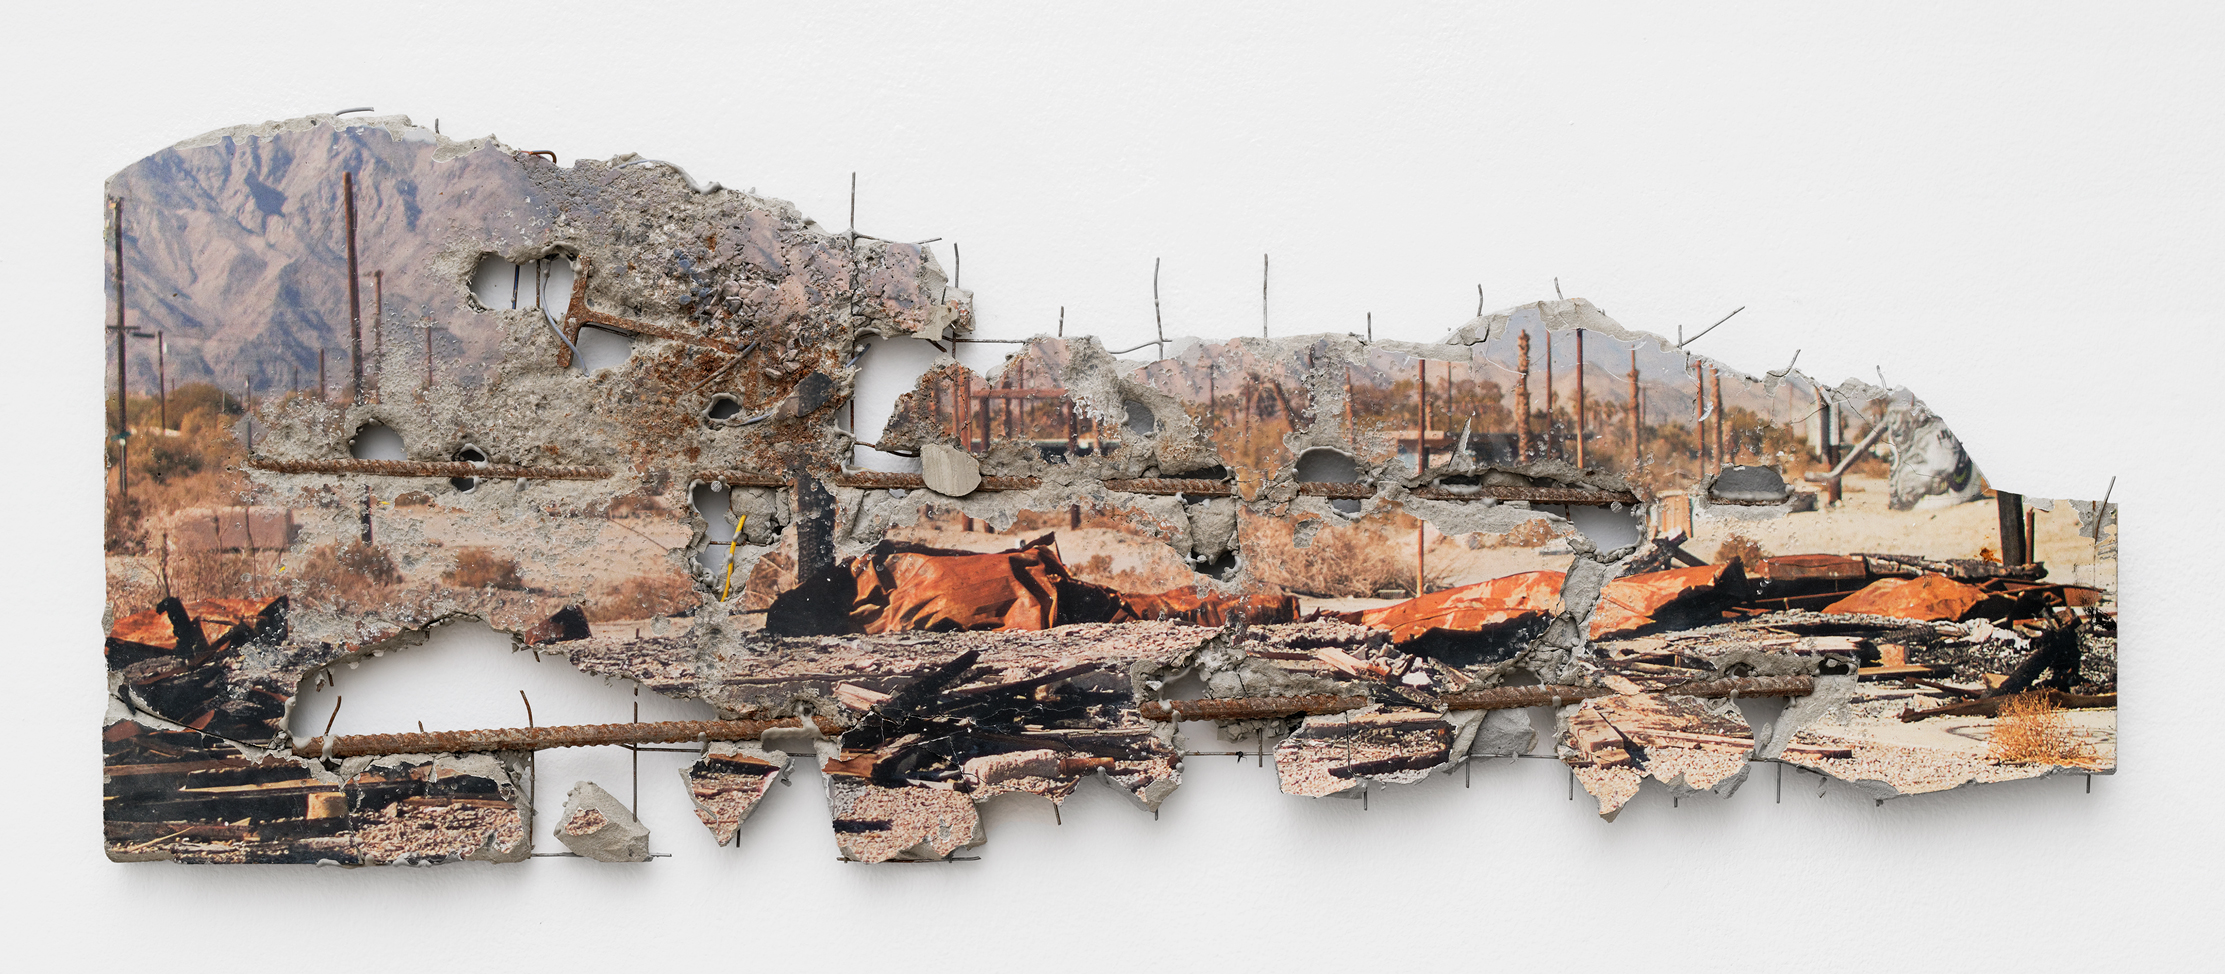 Sub City 2019, impression photographique sur acier à cadre de ciment, 38 × 100 cm, pièce unique | © Florian Pugnaire & David Raffini / Courtesy Ceysson & Bénétière